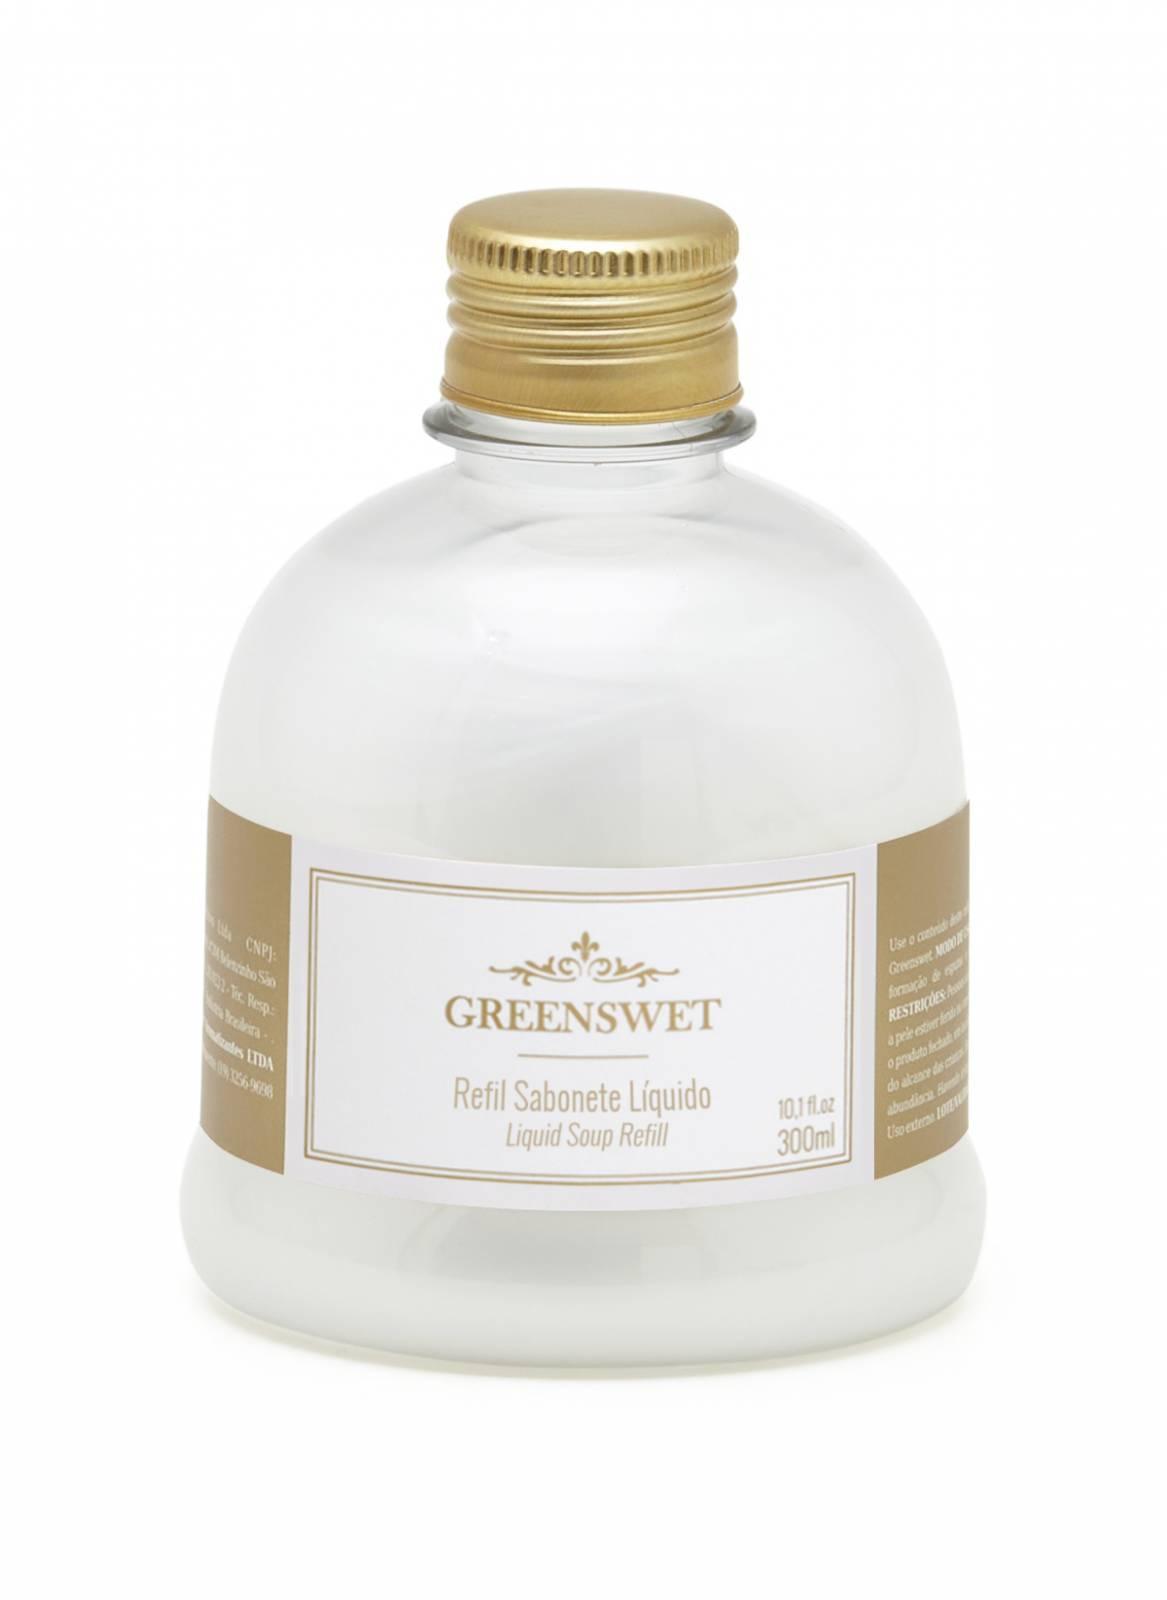 Refil Sabonete Liquido 300 ml Essência Chá Branco - Greenswet Aromatizantes